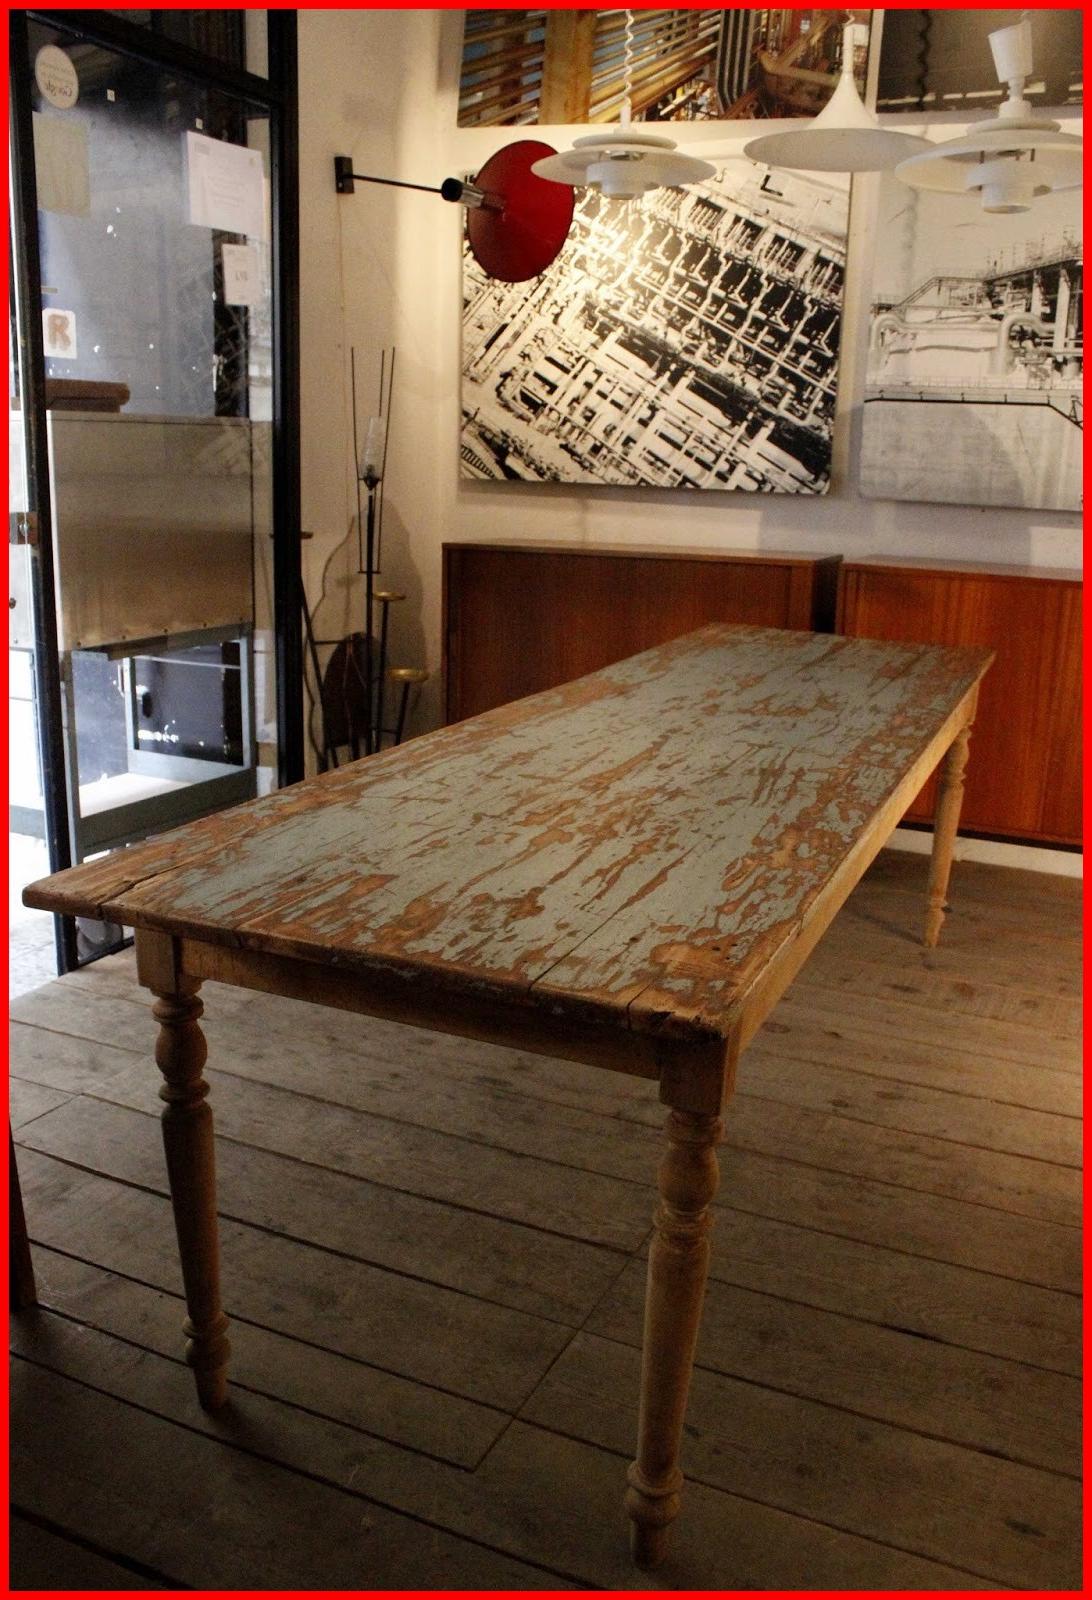 Compra Venta De Muebles 8ydm Pra Venta Muebles Usados Pro Muebles Usados Modernos Y